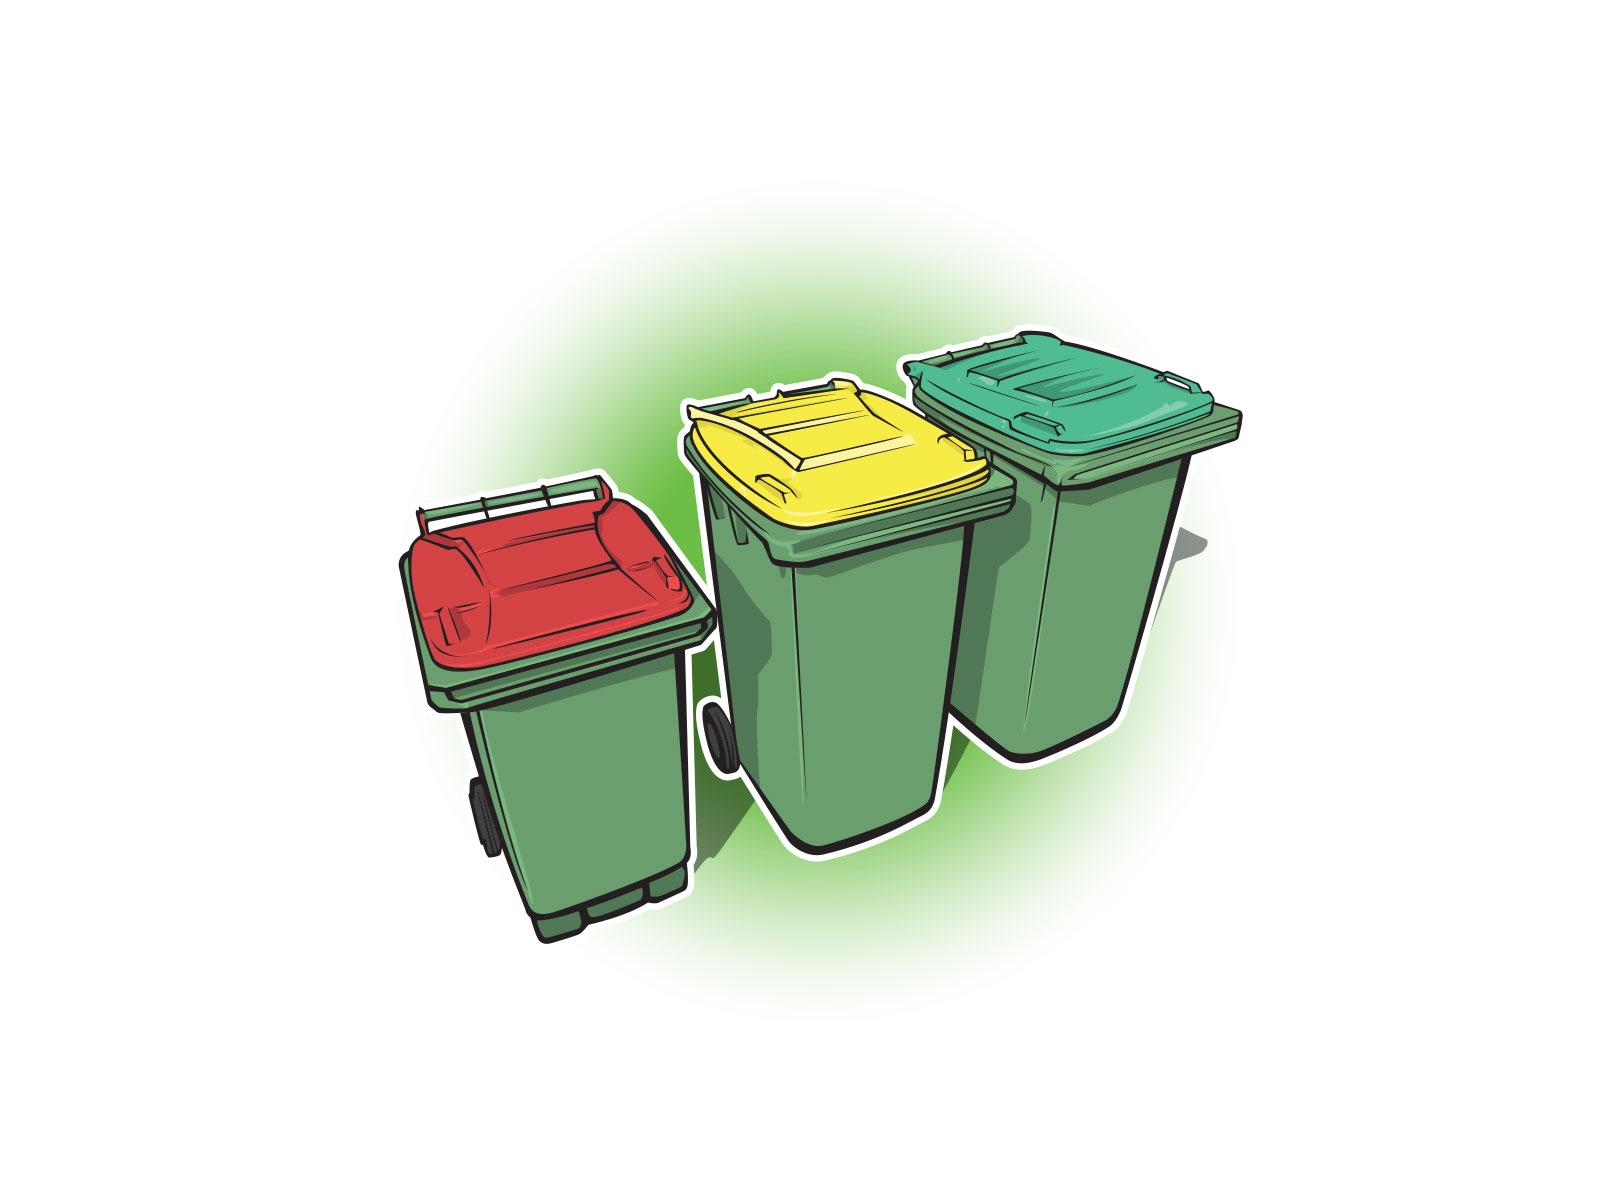 Stylised illustration of wheelie bins